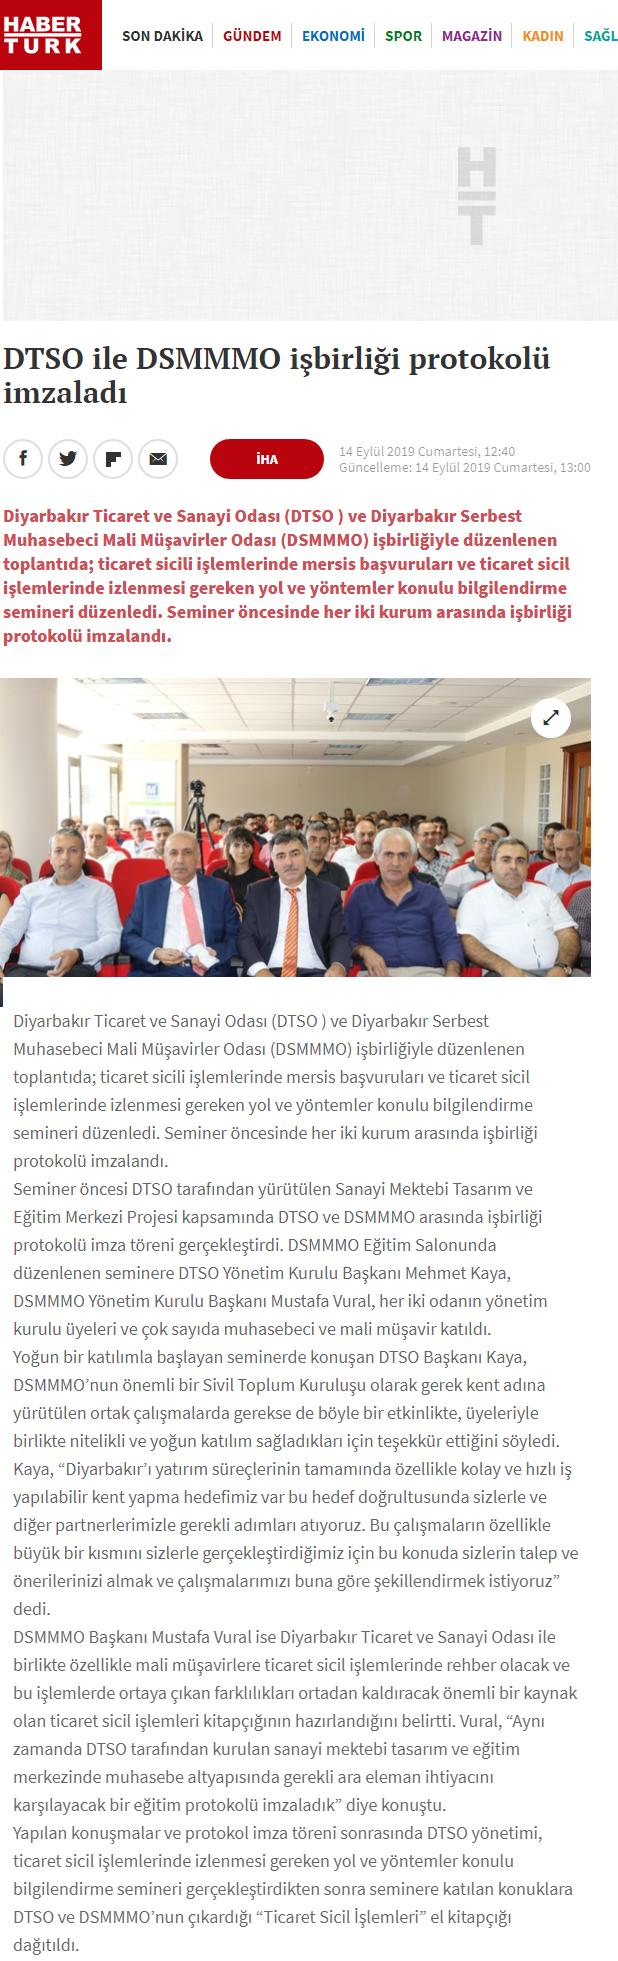 DTSO İLE DSMMMO İŞBİRLİĞİ PROTOKOLÜ İMZALADI (habertürk.com)